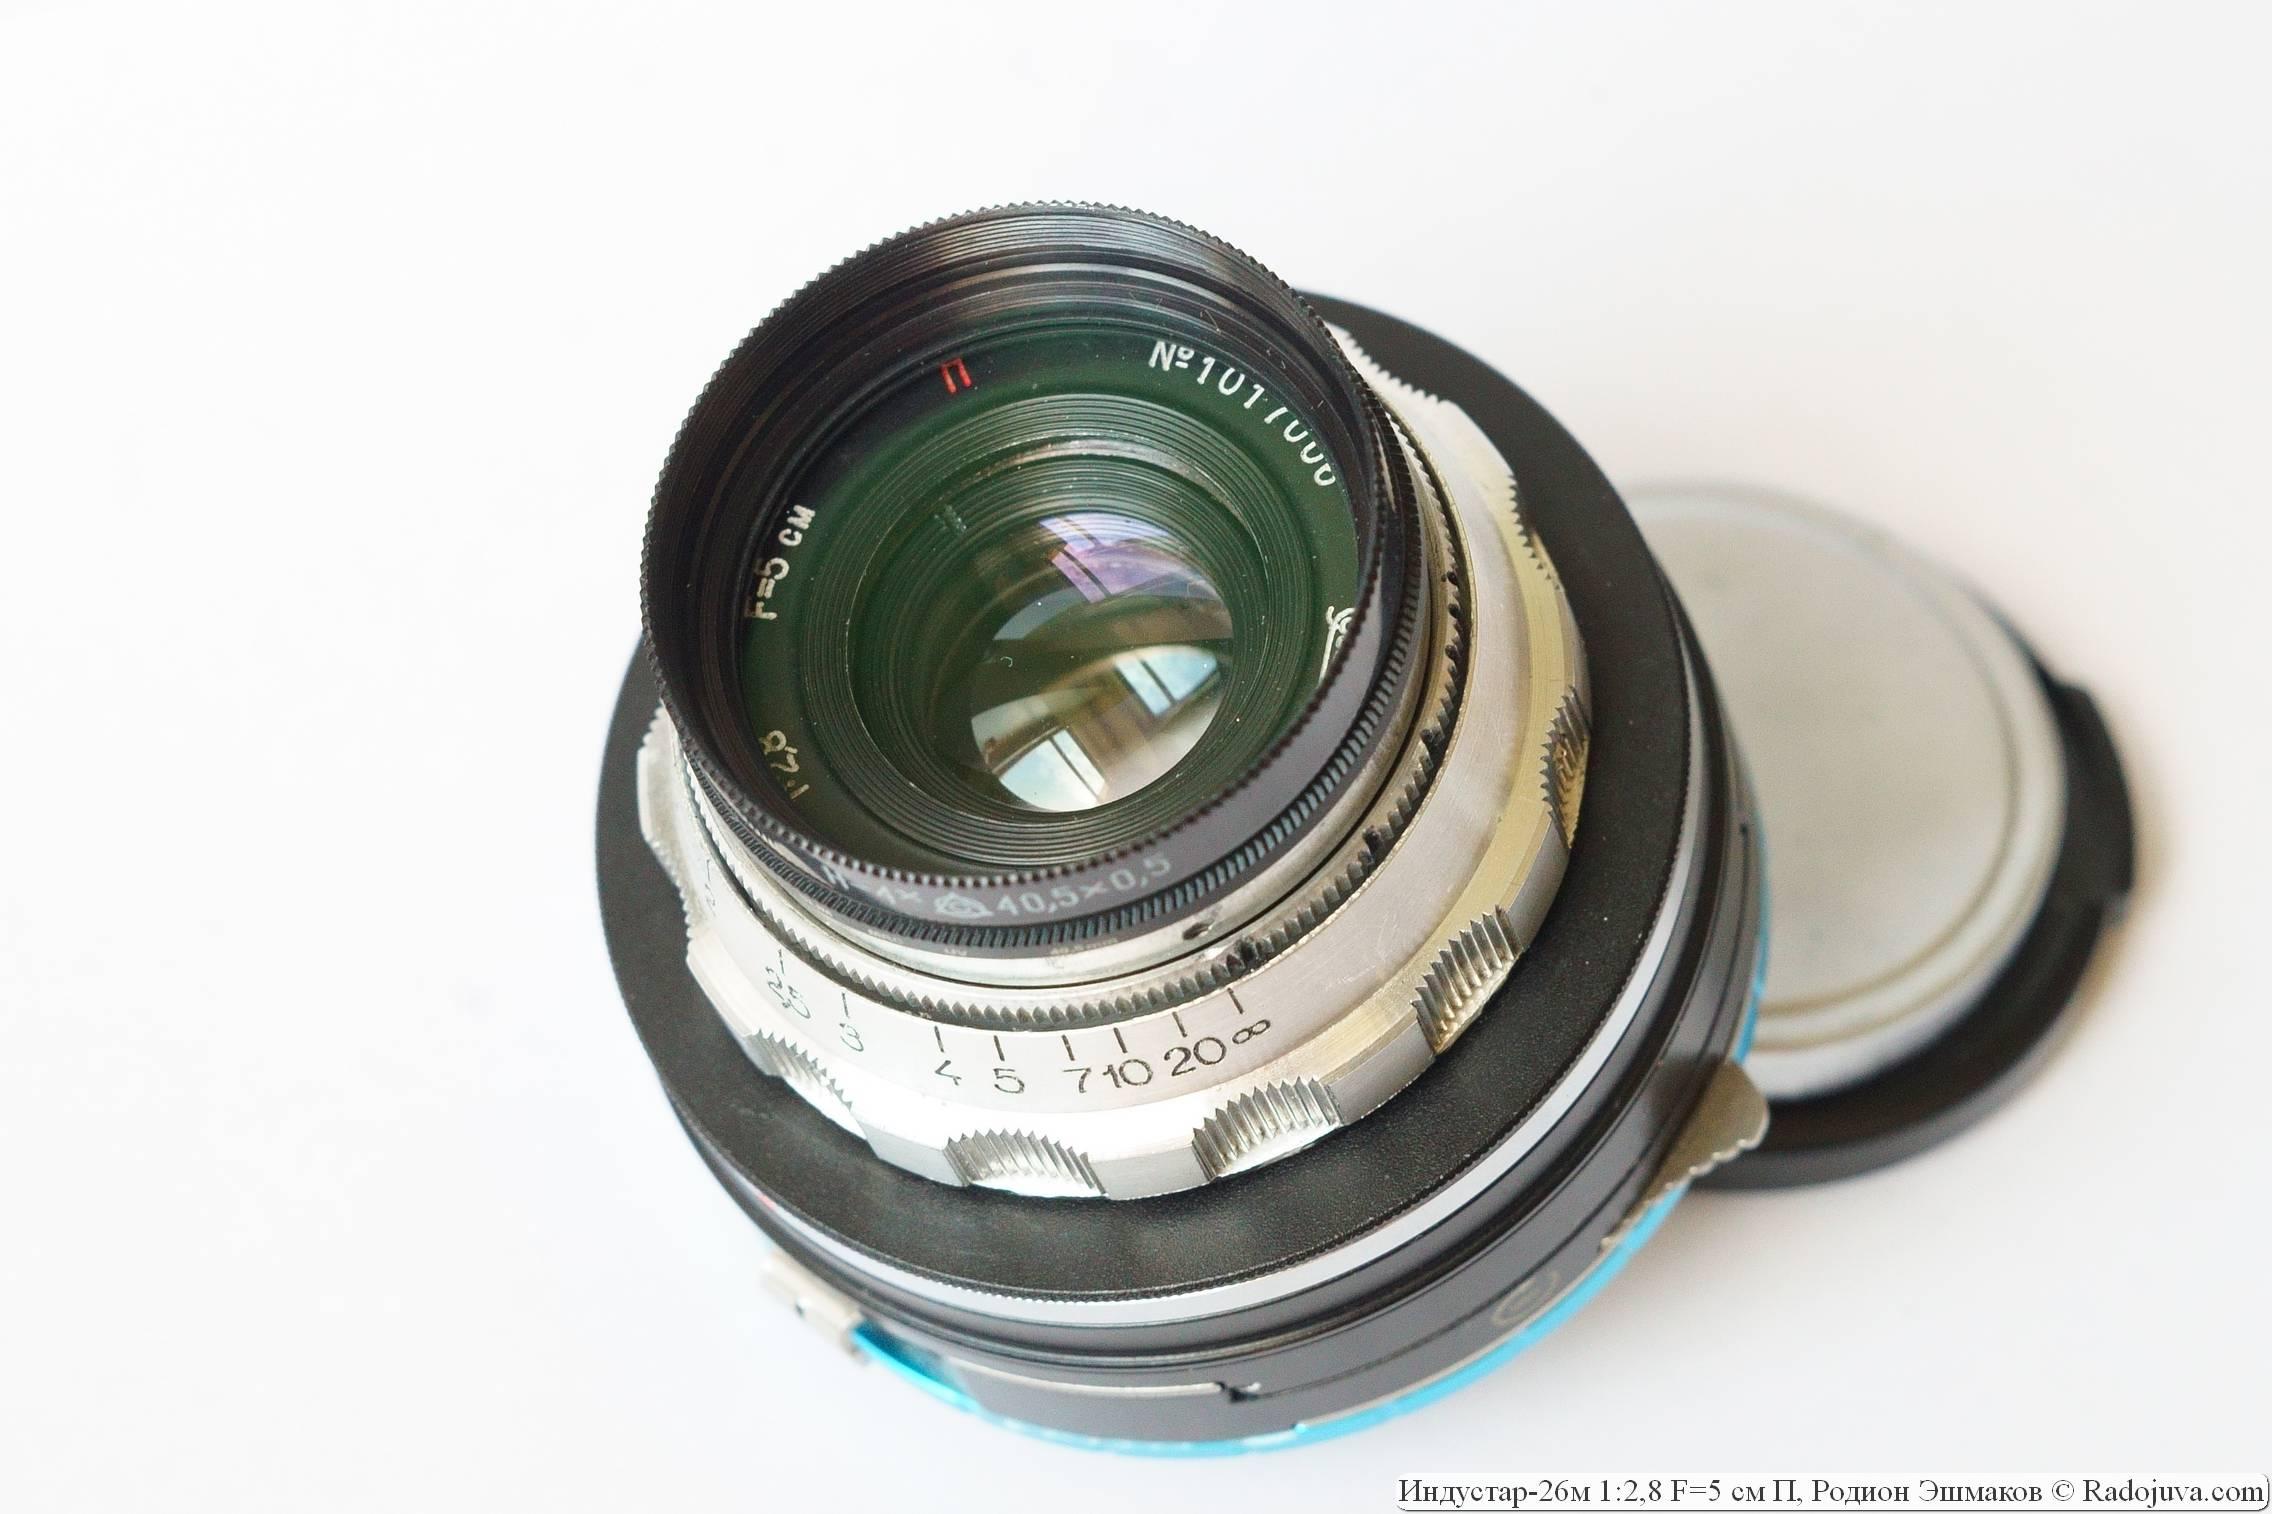 Адаптированный для зеркалок Индустар-26м неожиданно оказался особенно полезным на беззеркальной камере.